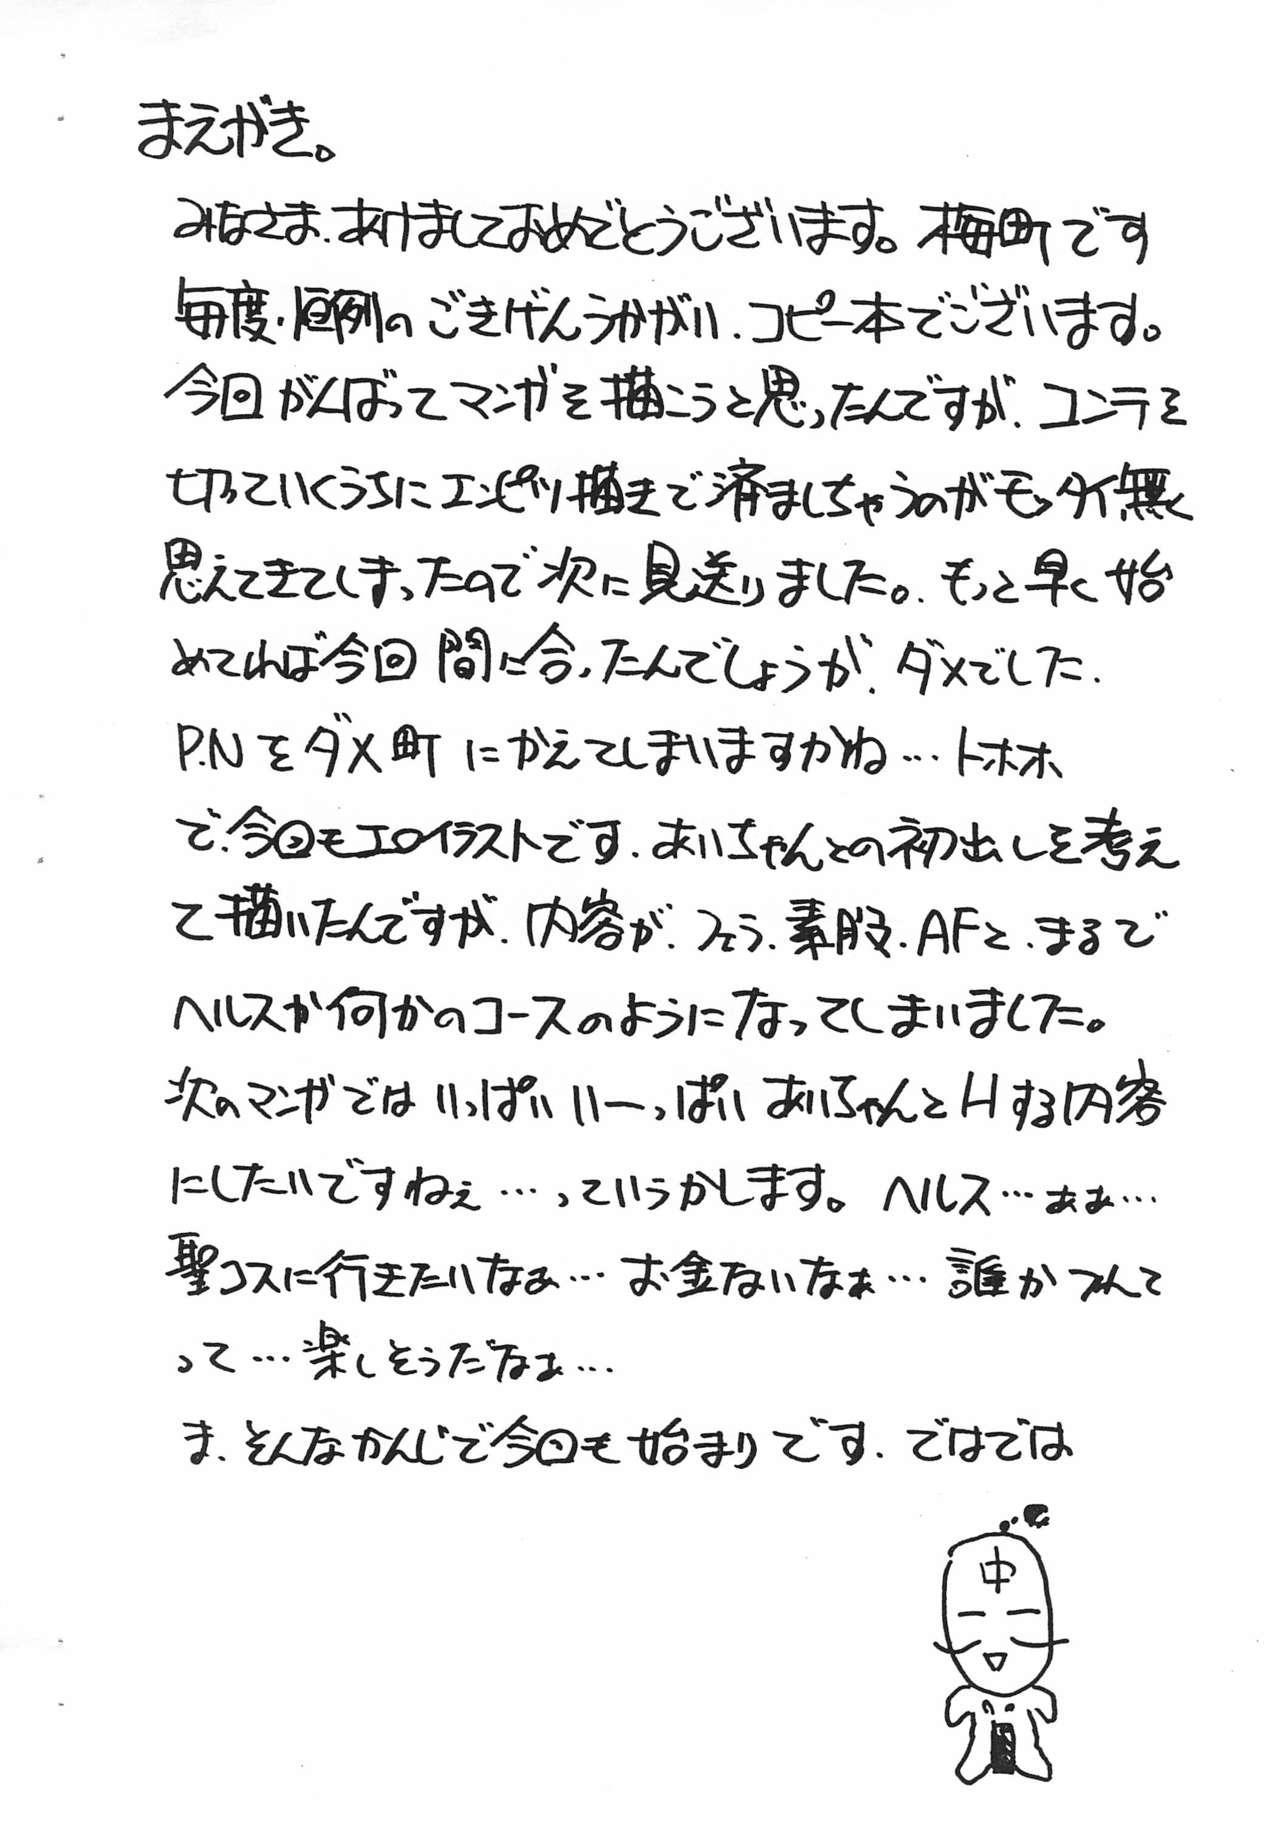 Hatsudashi 1